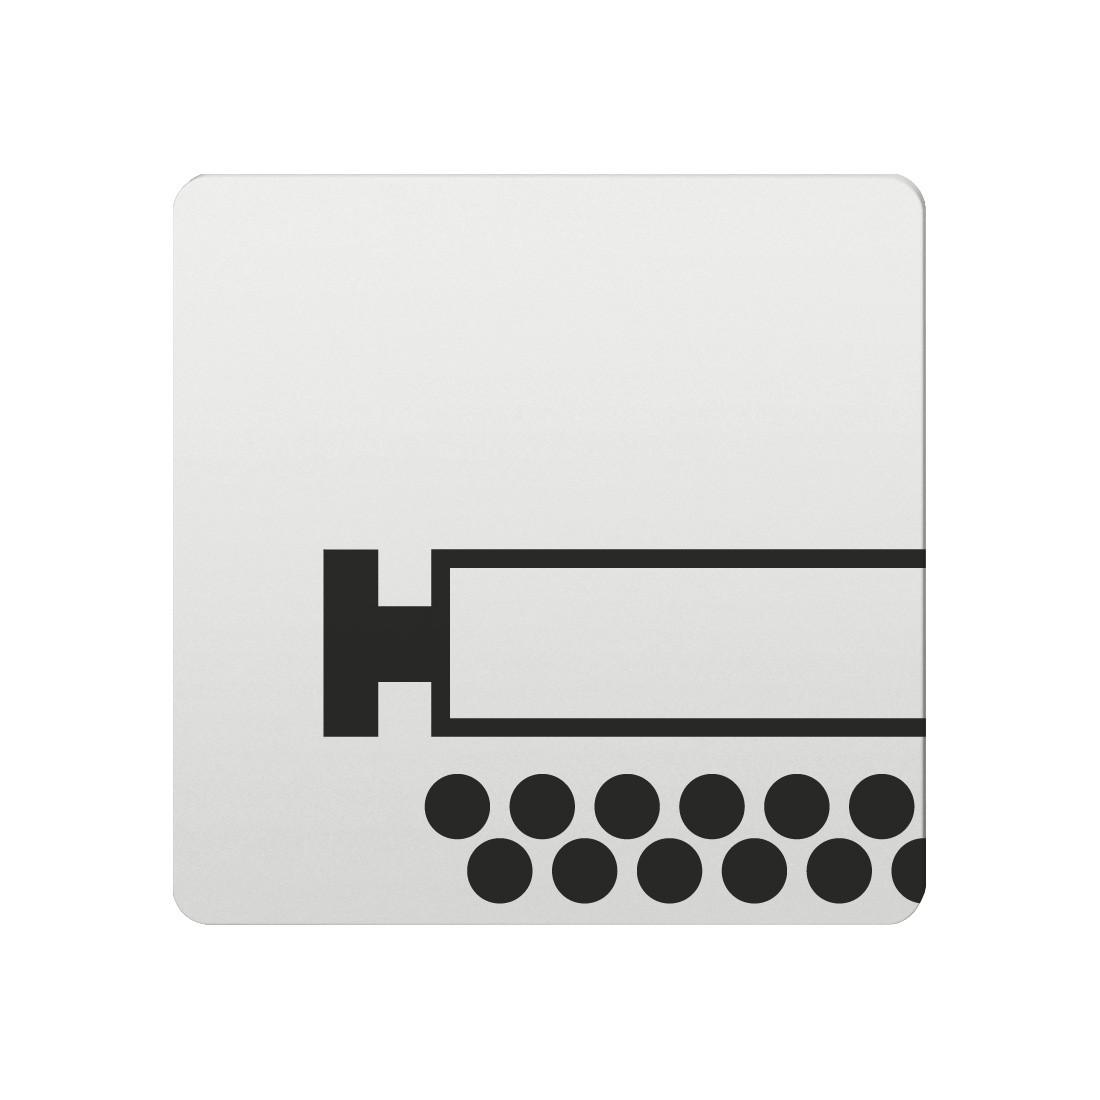 FSB Hinweiszeichen Schreibraum Lasergraviert Aluminium naturfarbig (0 36 4059 00140 0105)